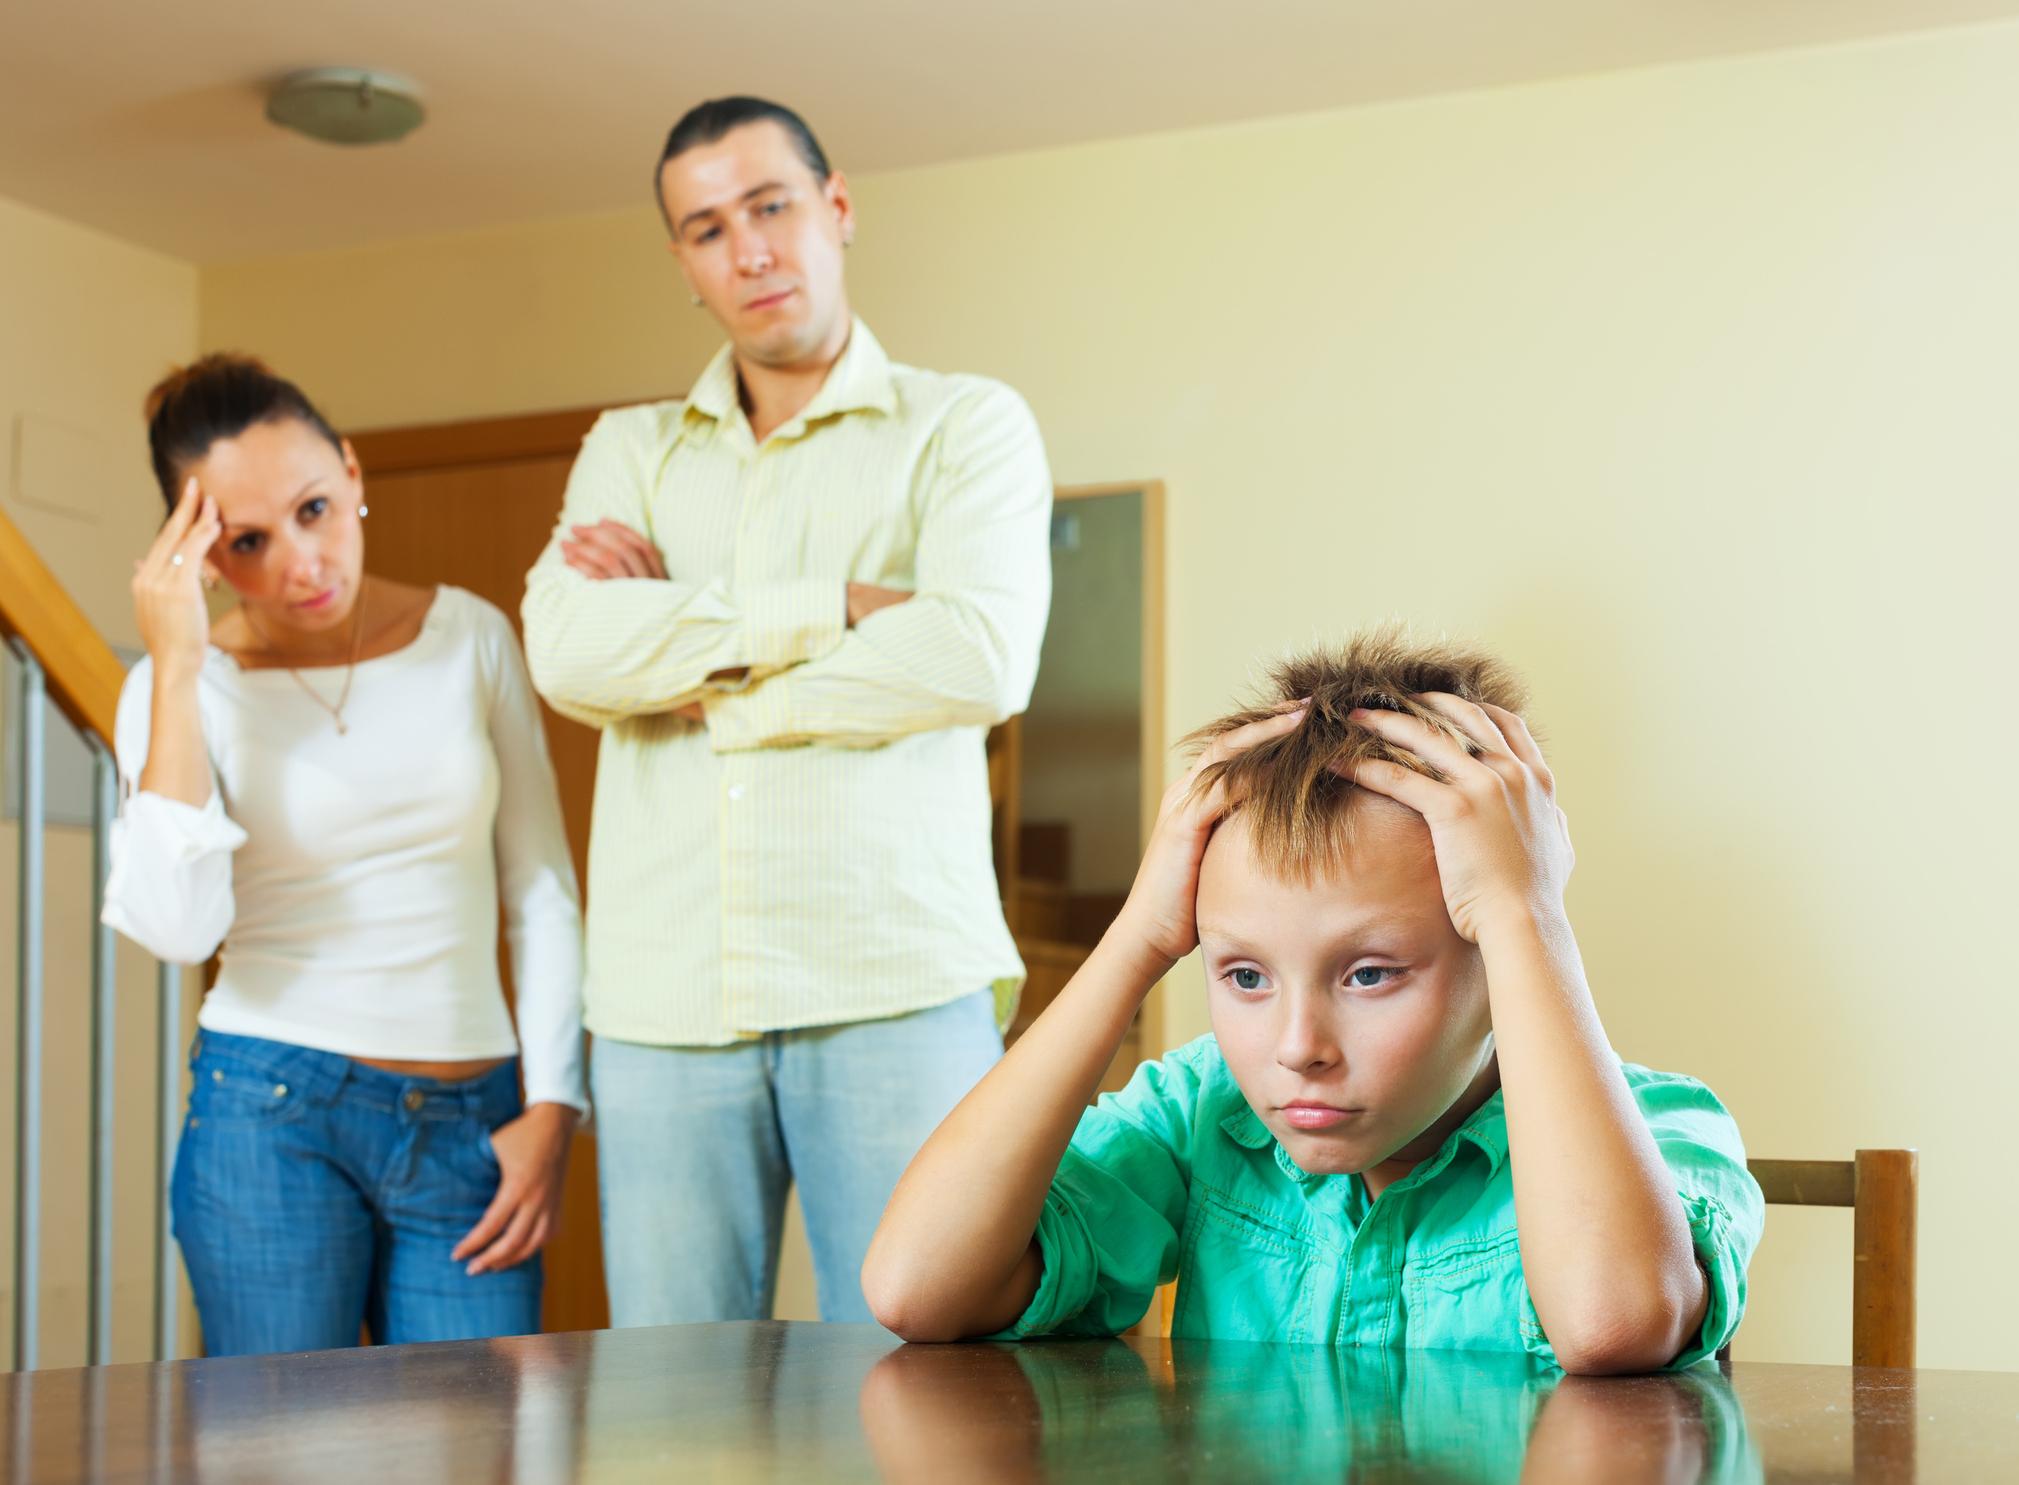 6 экстренных ситуаций с детьми: первая помощь при травмах и отравлениях